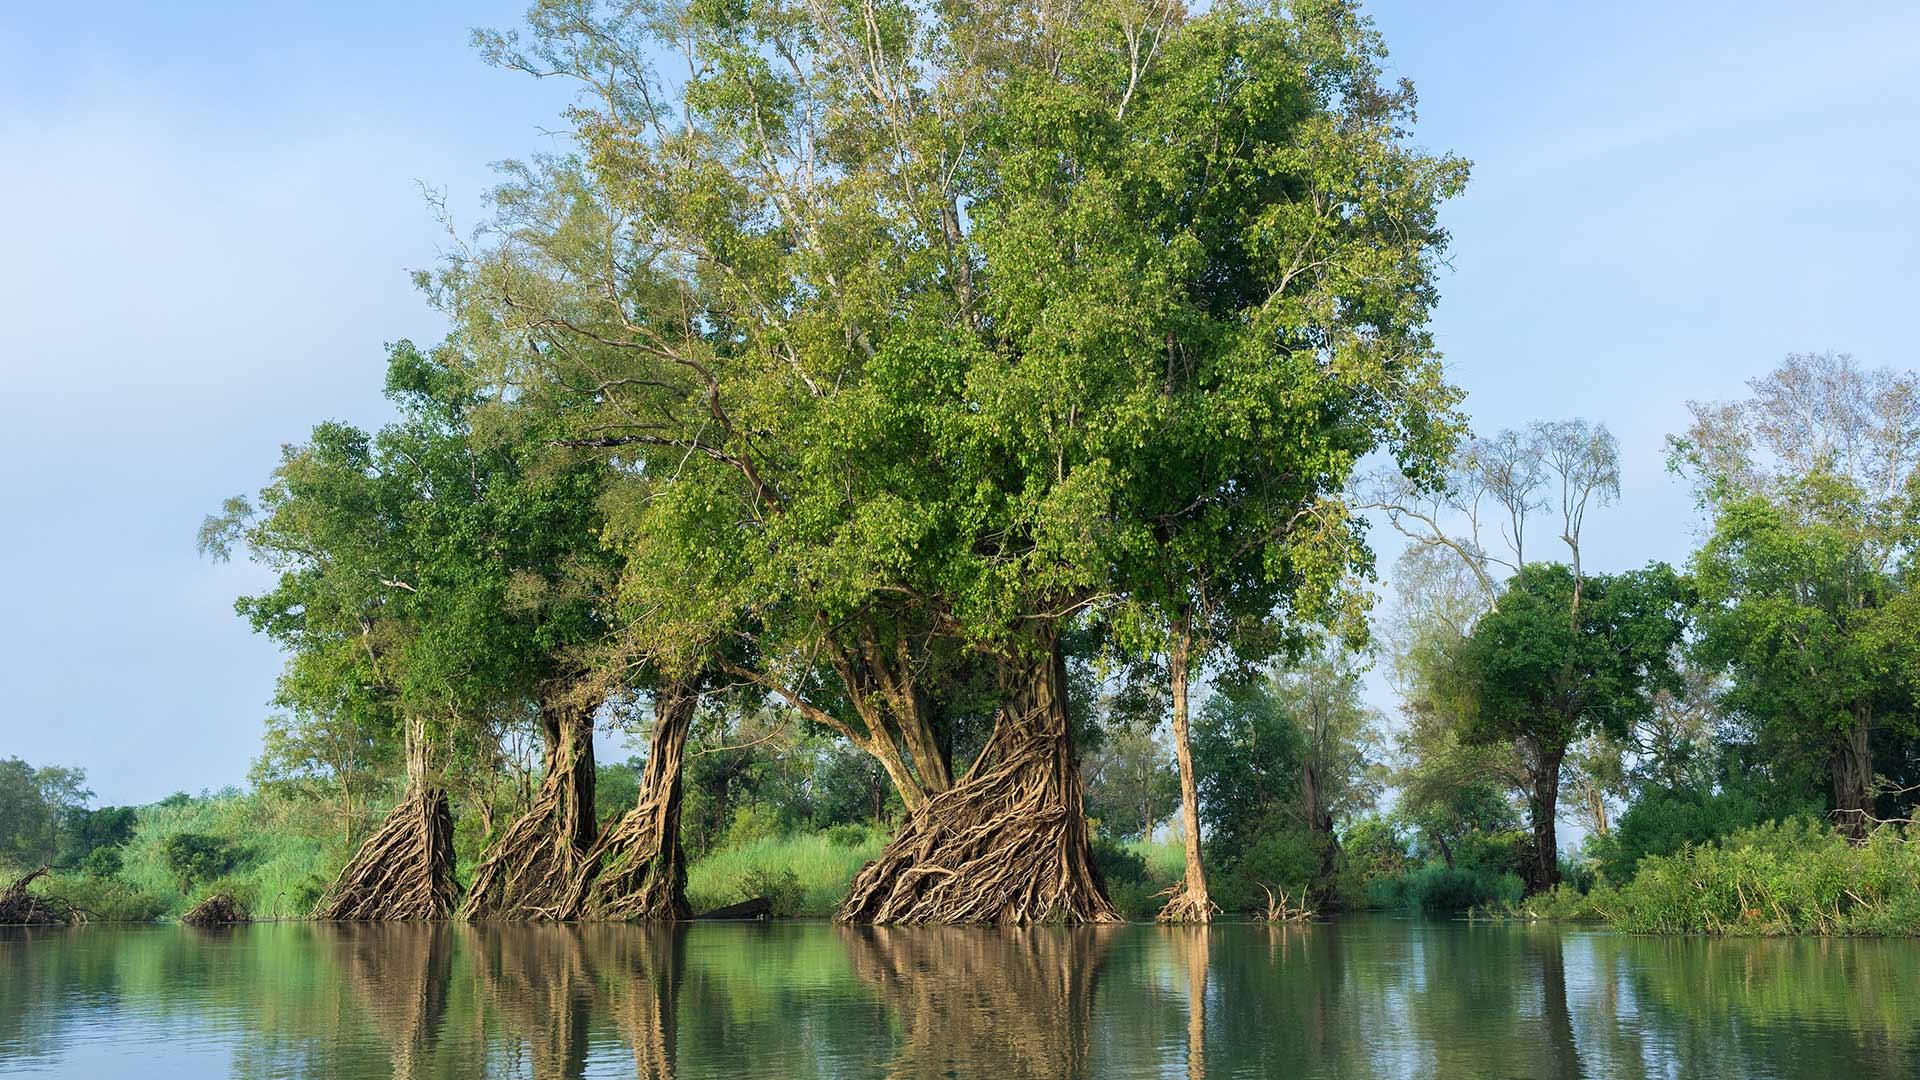 Gegen die Wasserkrise hilft vor allem der Schutz von Feuchtgebieten wie hier am Mekong